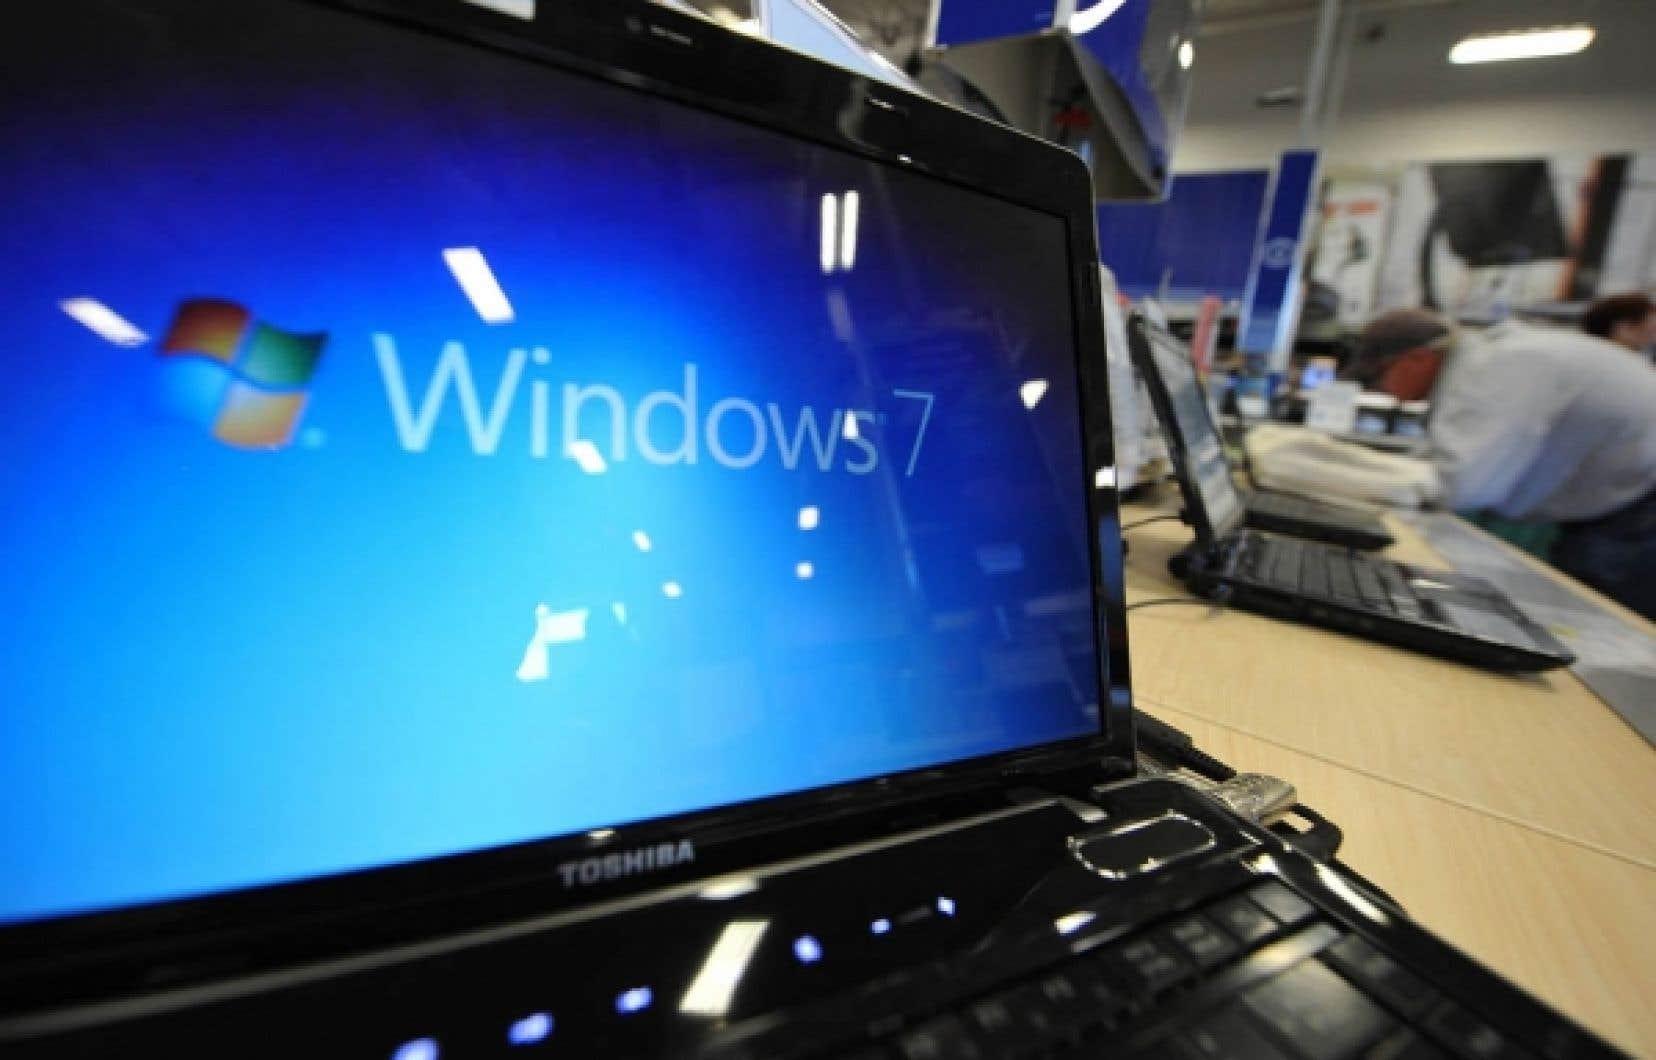 Contrairement aux logiciels brevetés par les géants informatiques comme Microsoft, le logiciel libre permet aux utilisateurs d'avoir un meilleur contrôle sur les systèmes qu'ils utilisent, plaident ses défenseurs. <br />